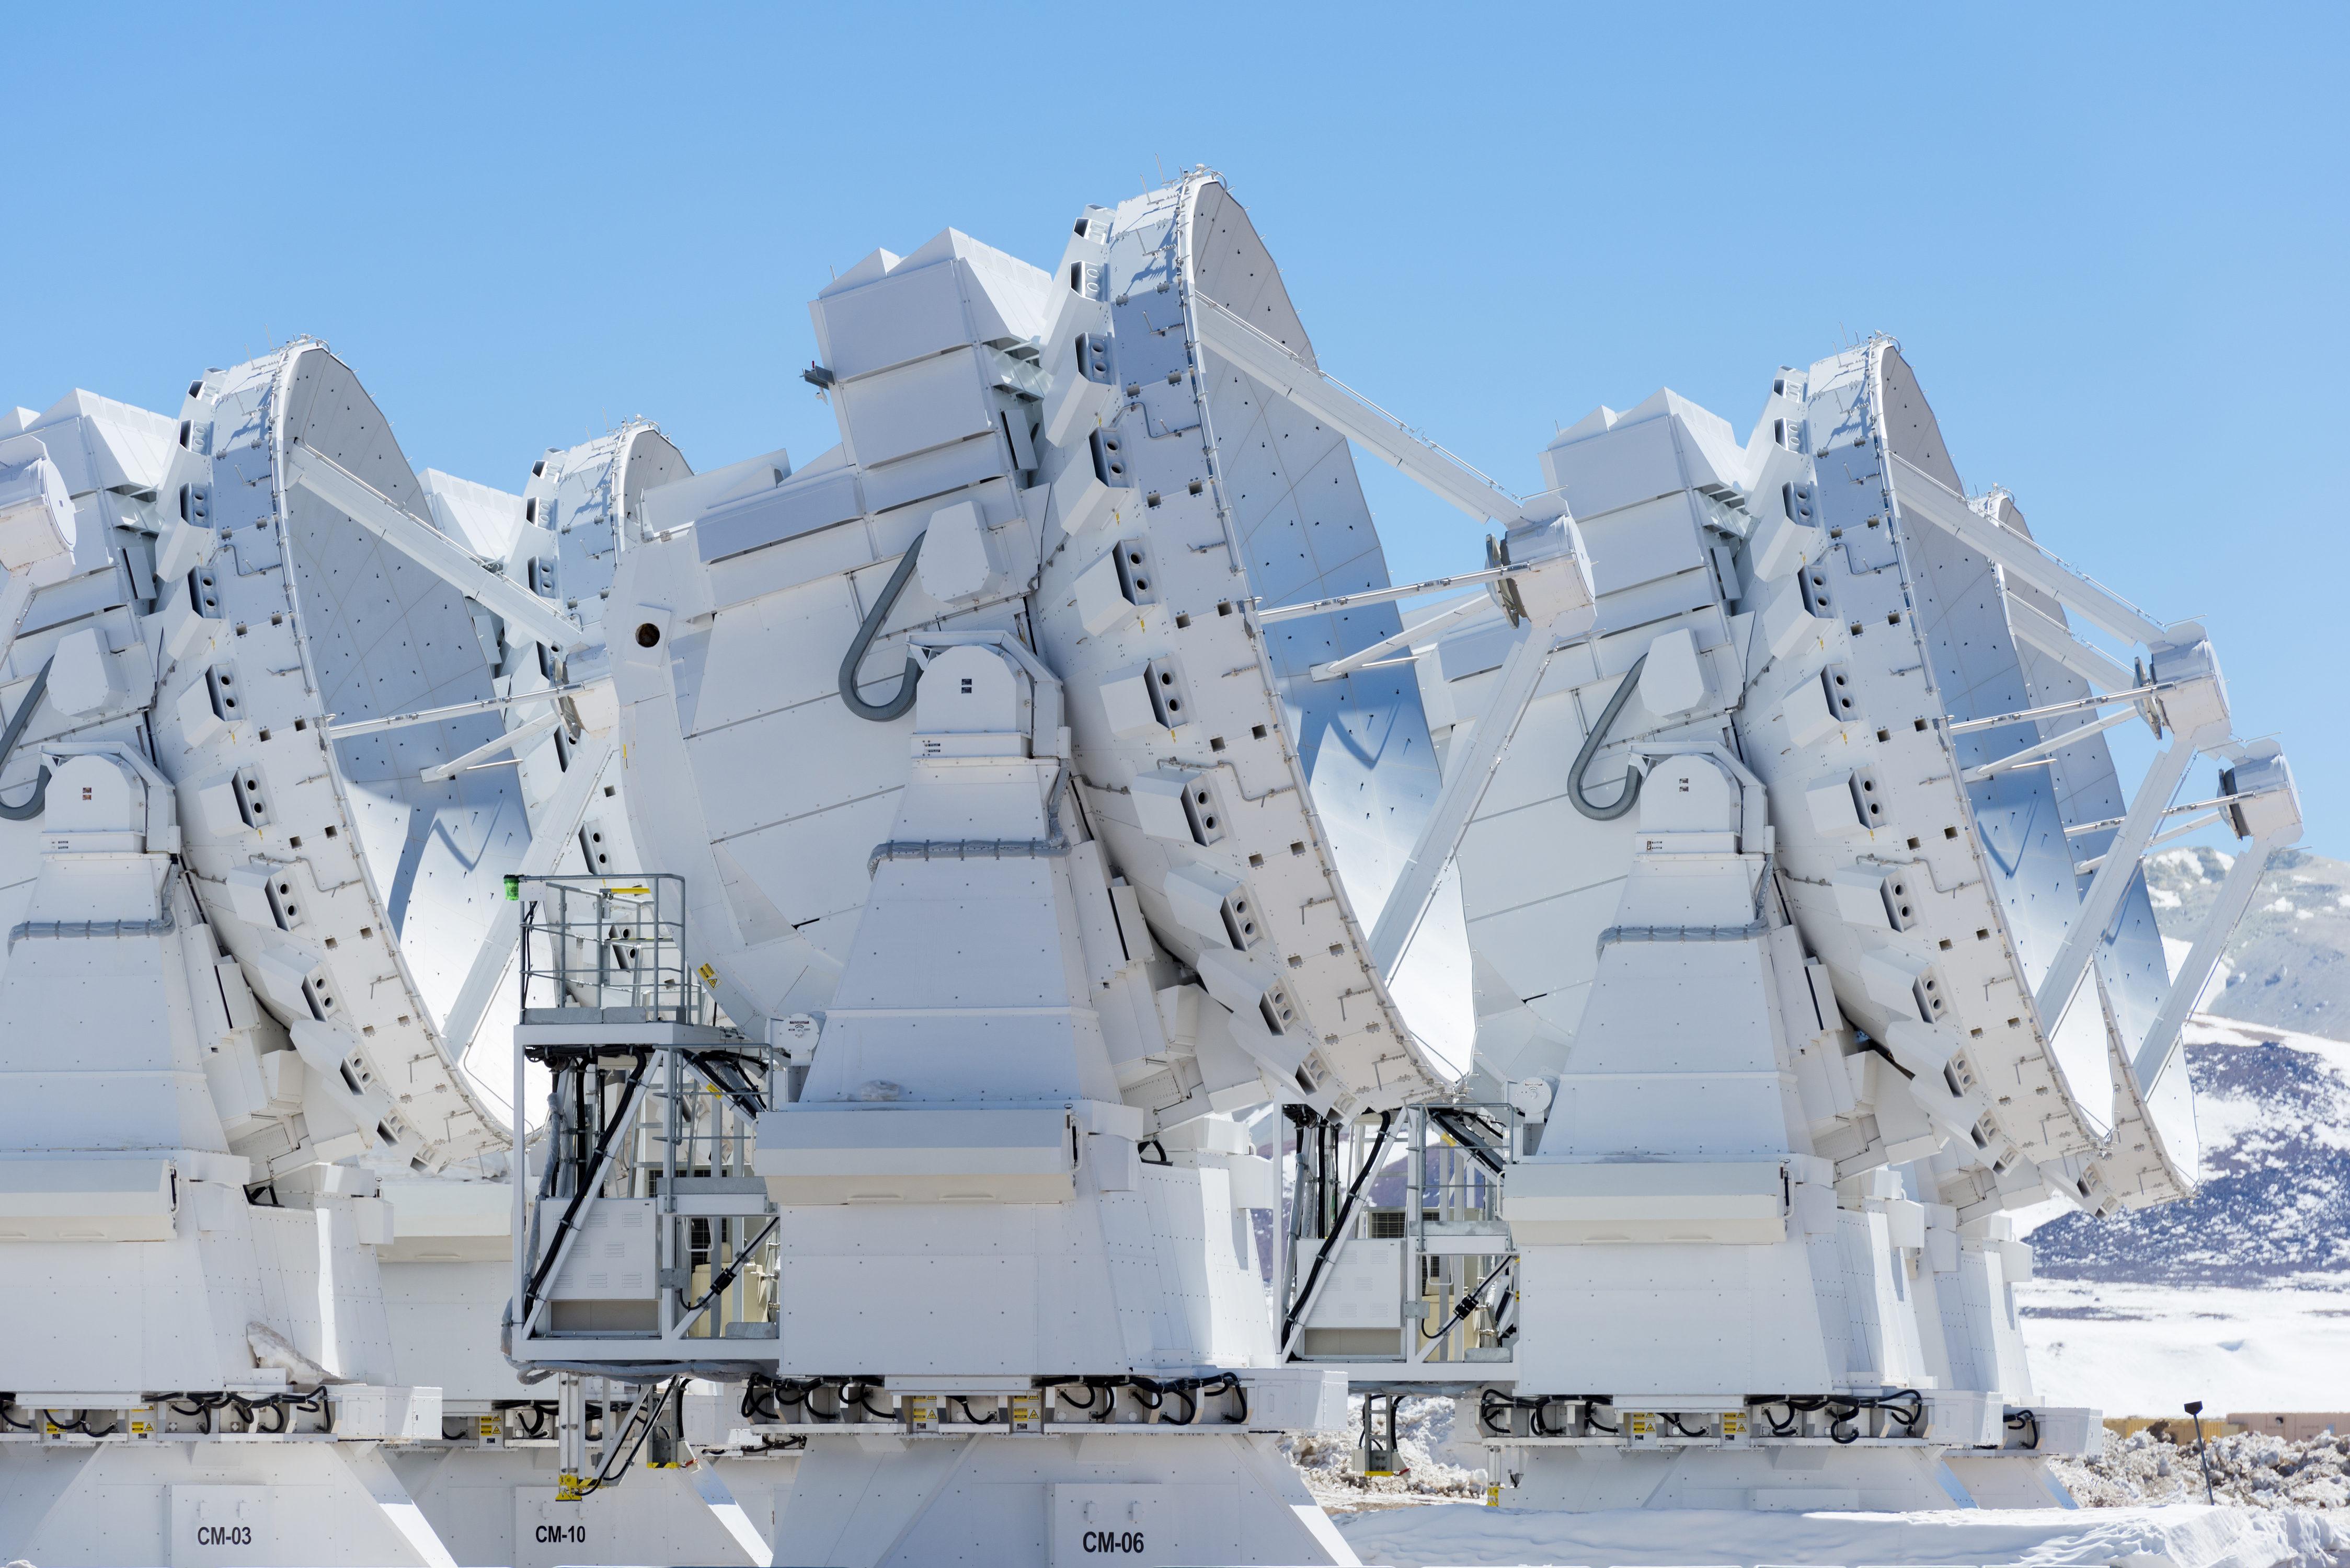 Las antenas japonesas de 7m forman parte dl conjunto compacto de Atacama (ACA). © José Luis Stephens